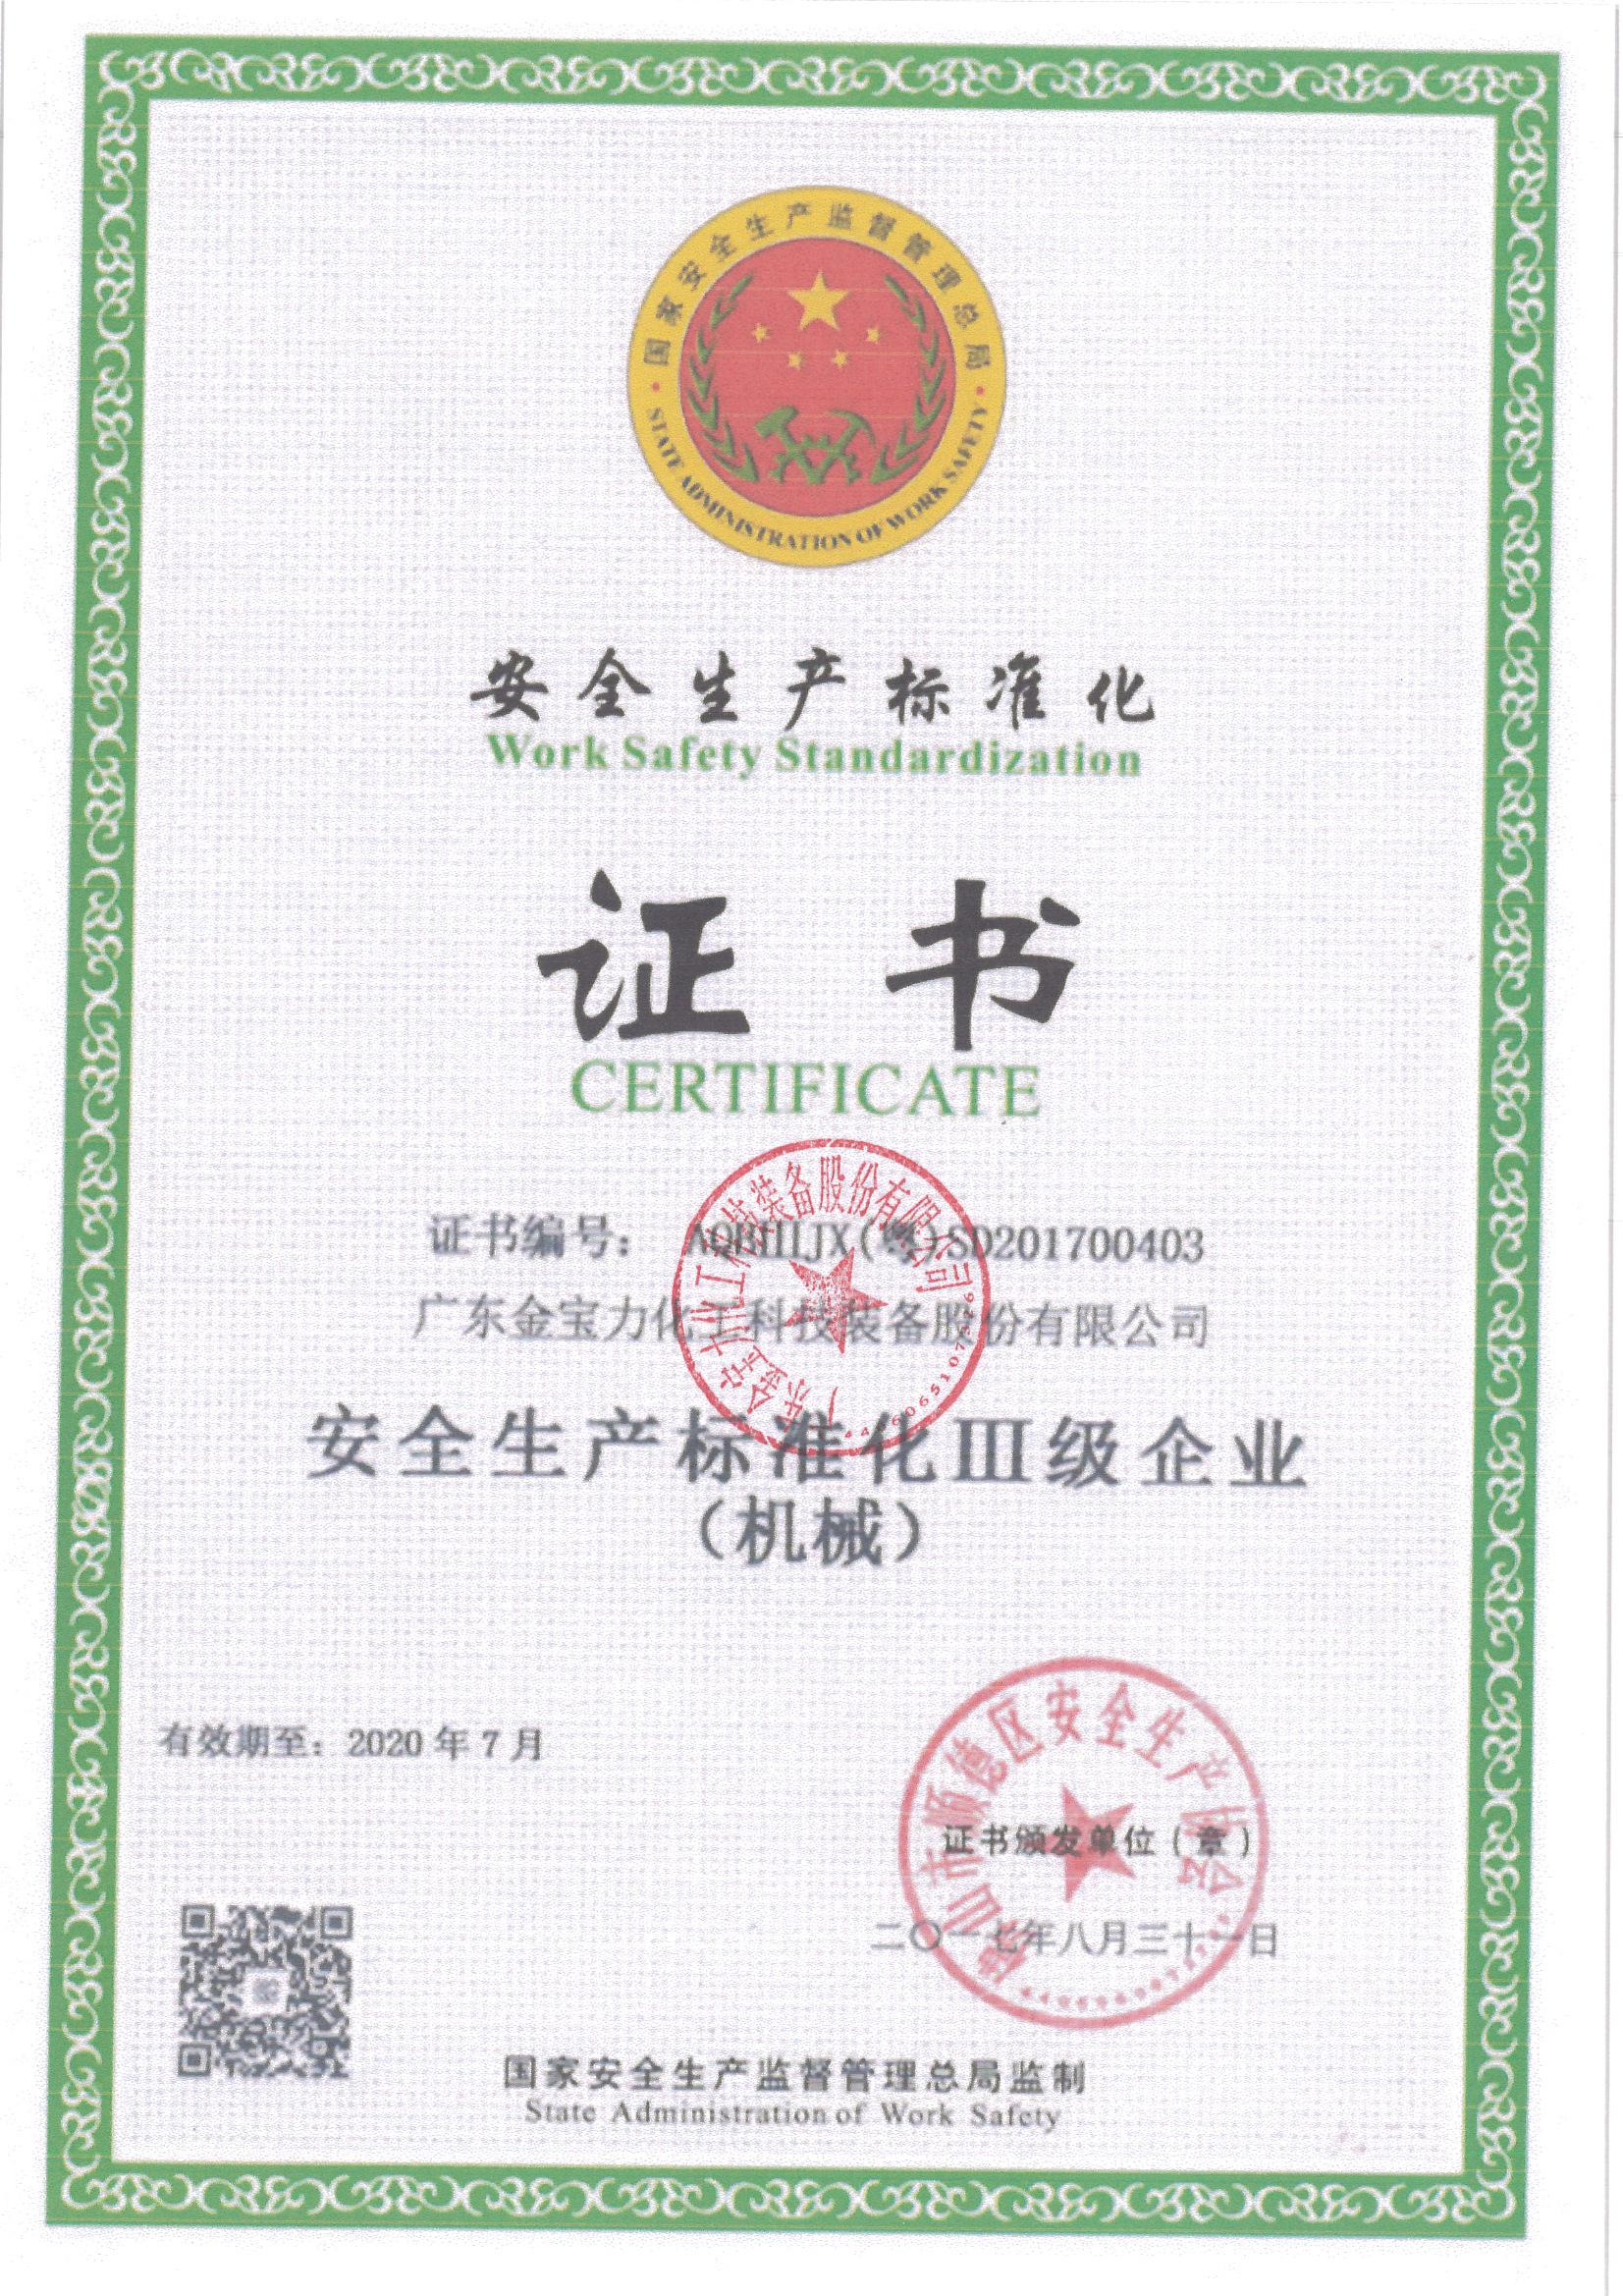 安全生產標準化證書